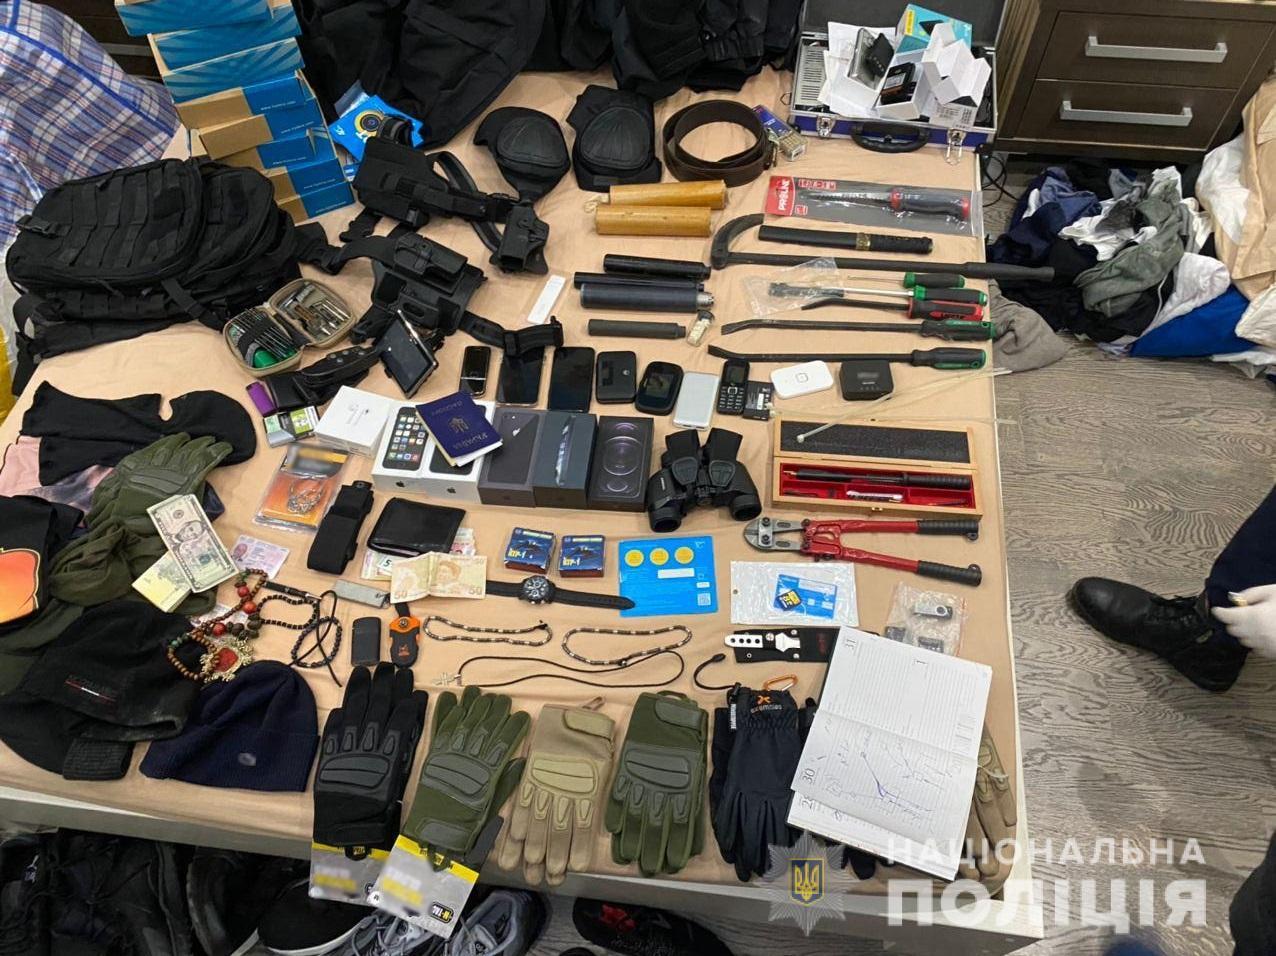 На Київщині викрили транснаціональну злочинну організацію (відео) - іноземець, злочинна група, зловмисники - zlochynna grupa 7